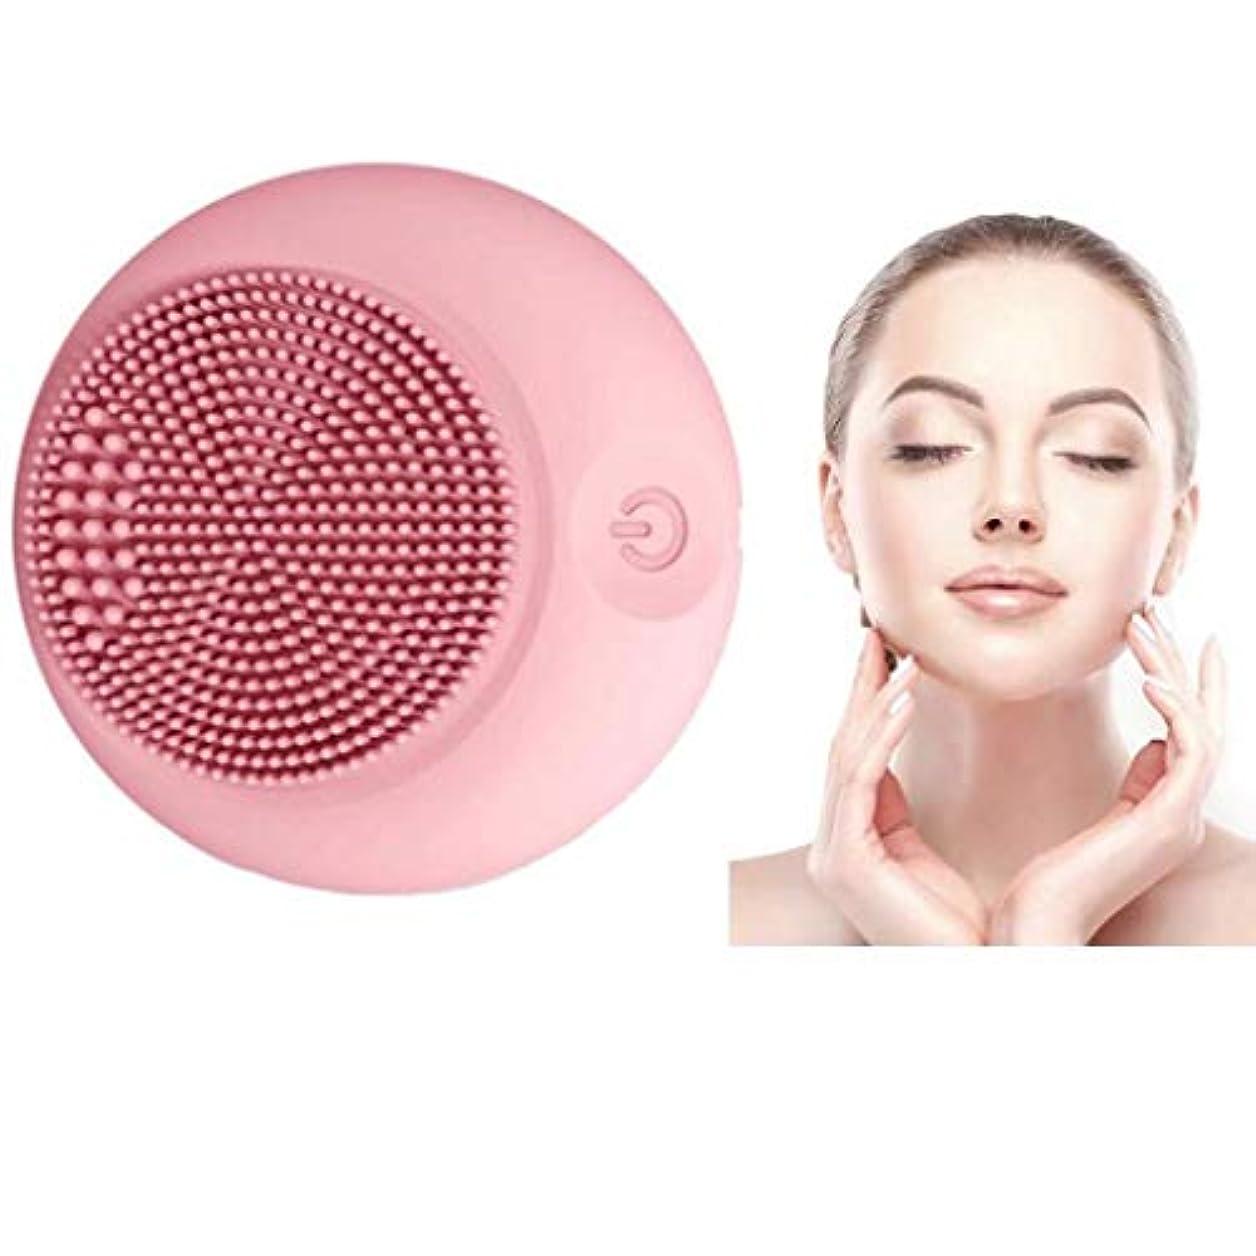 染料手伝う請求書クレンジング楽器、シリコンクレンジングブラシ、電動ウォッシュブラシ、シリコンフェイシャルマッサージ、ポータブル超音波振動、肌を清潔に保ち、防水、すべての肌タイプに適して (Color : Pink)